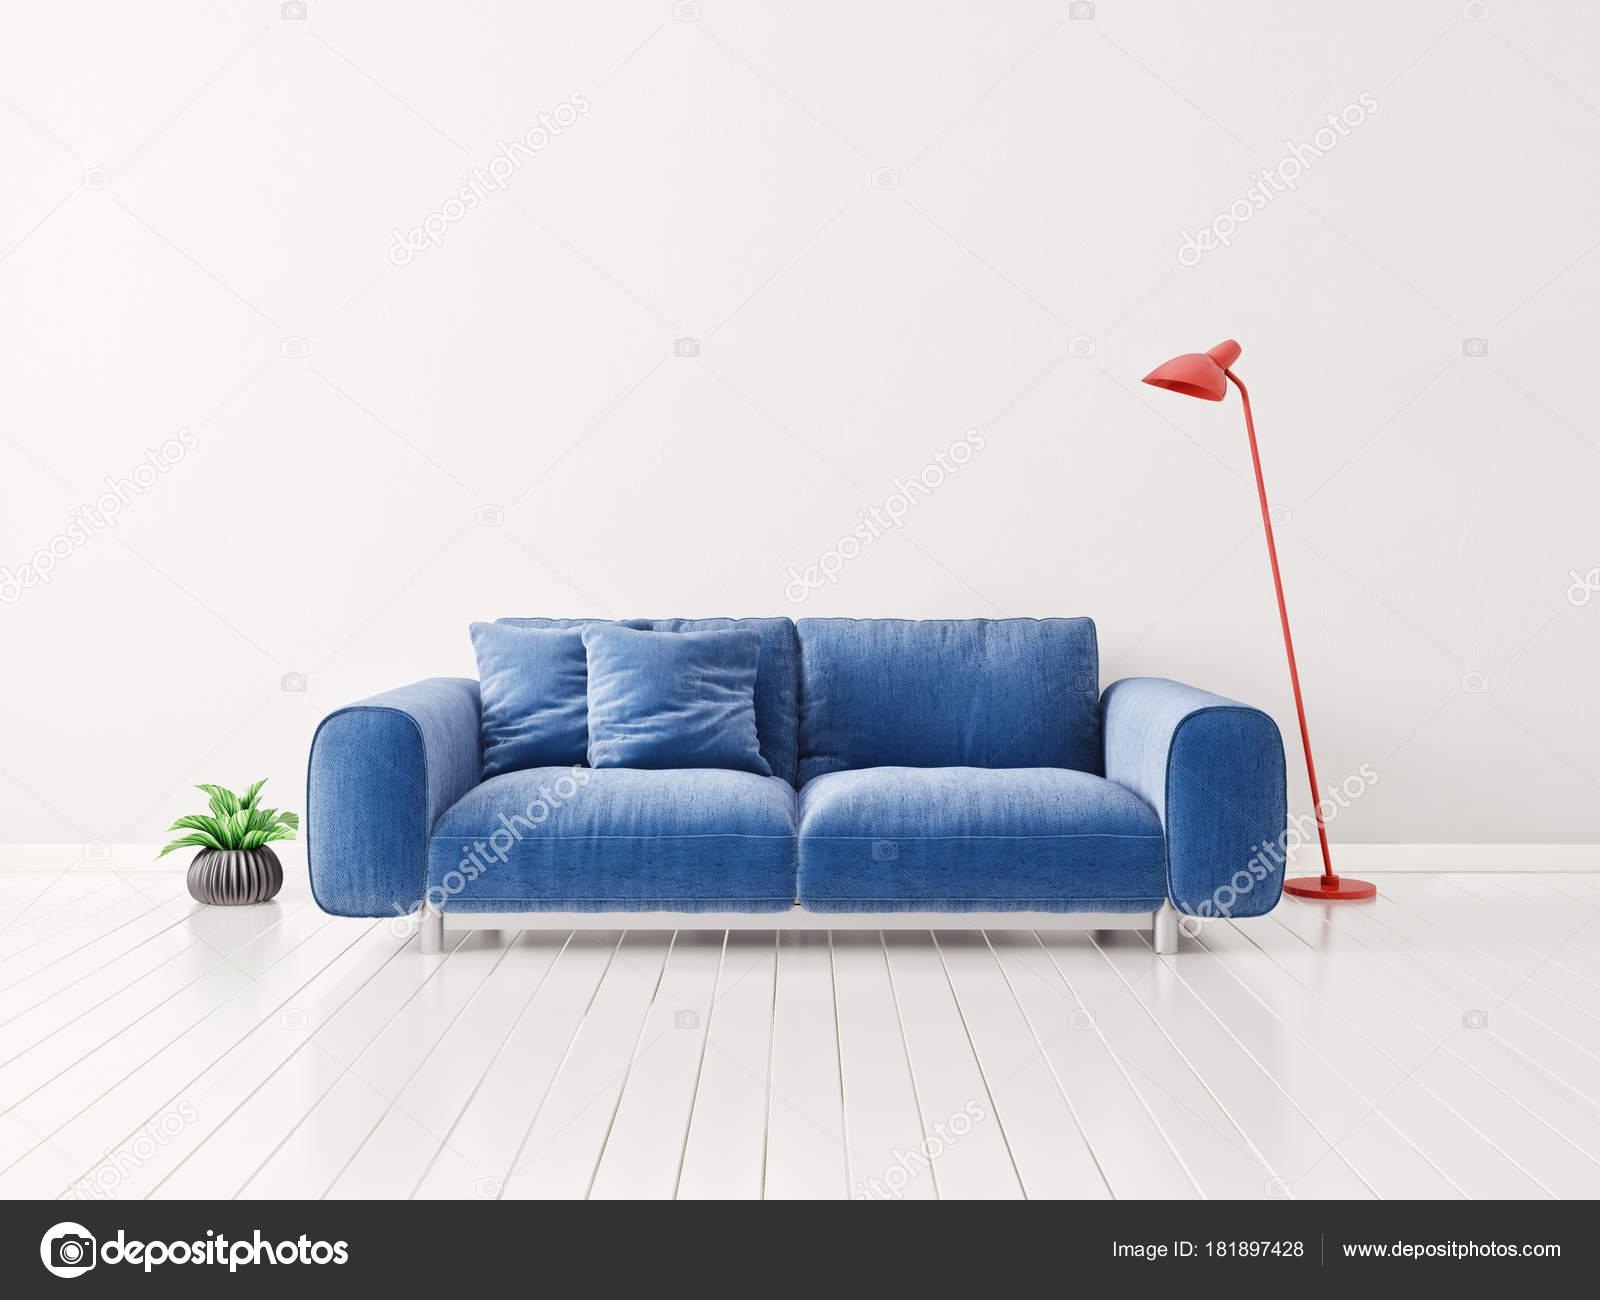 Modernes Wohnzimmer Mit Blauem Sofa Werk Vase Und Rote Lampe